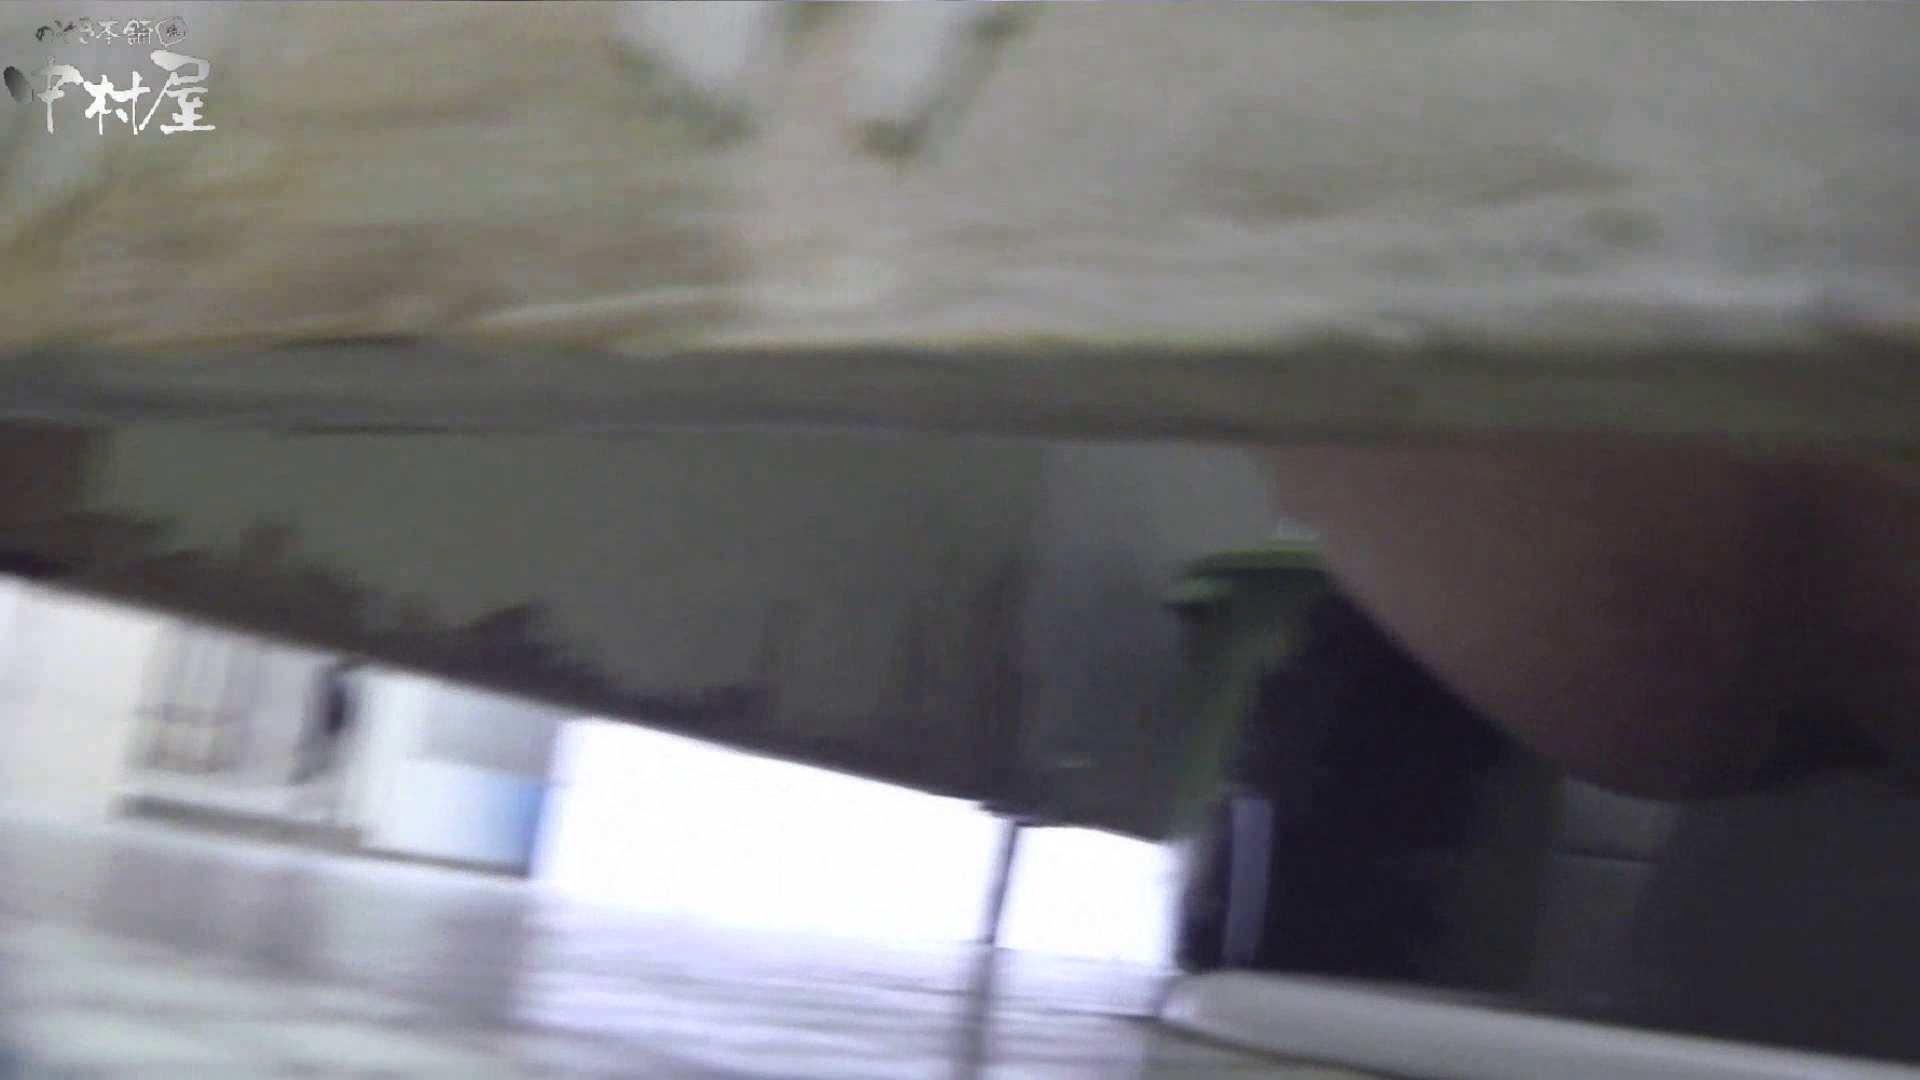 vol.49 命がけ潜伏洗面所! ポニテたんのソフトなブツ・推定180g 洗面所 のぞきエロ無料画像 92画像 59